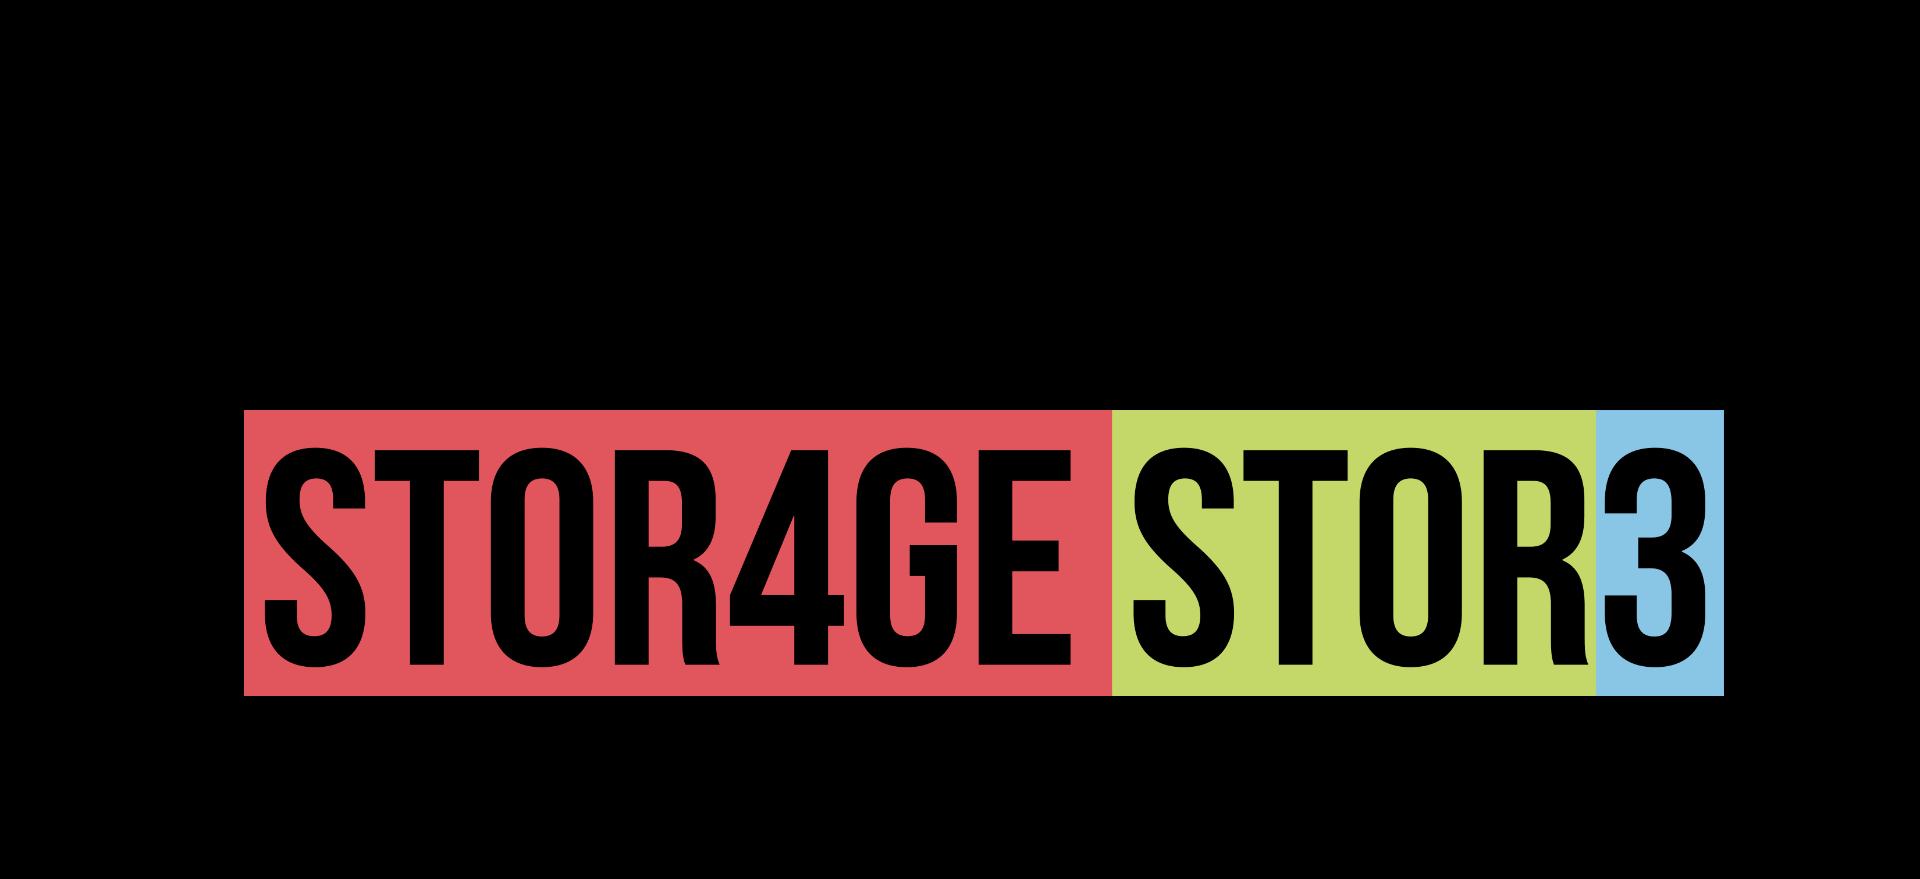 StorageStore